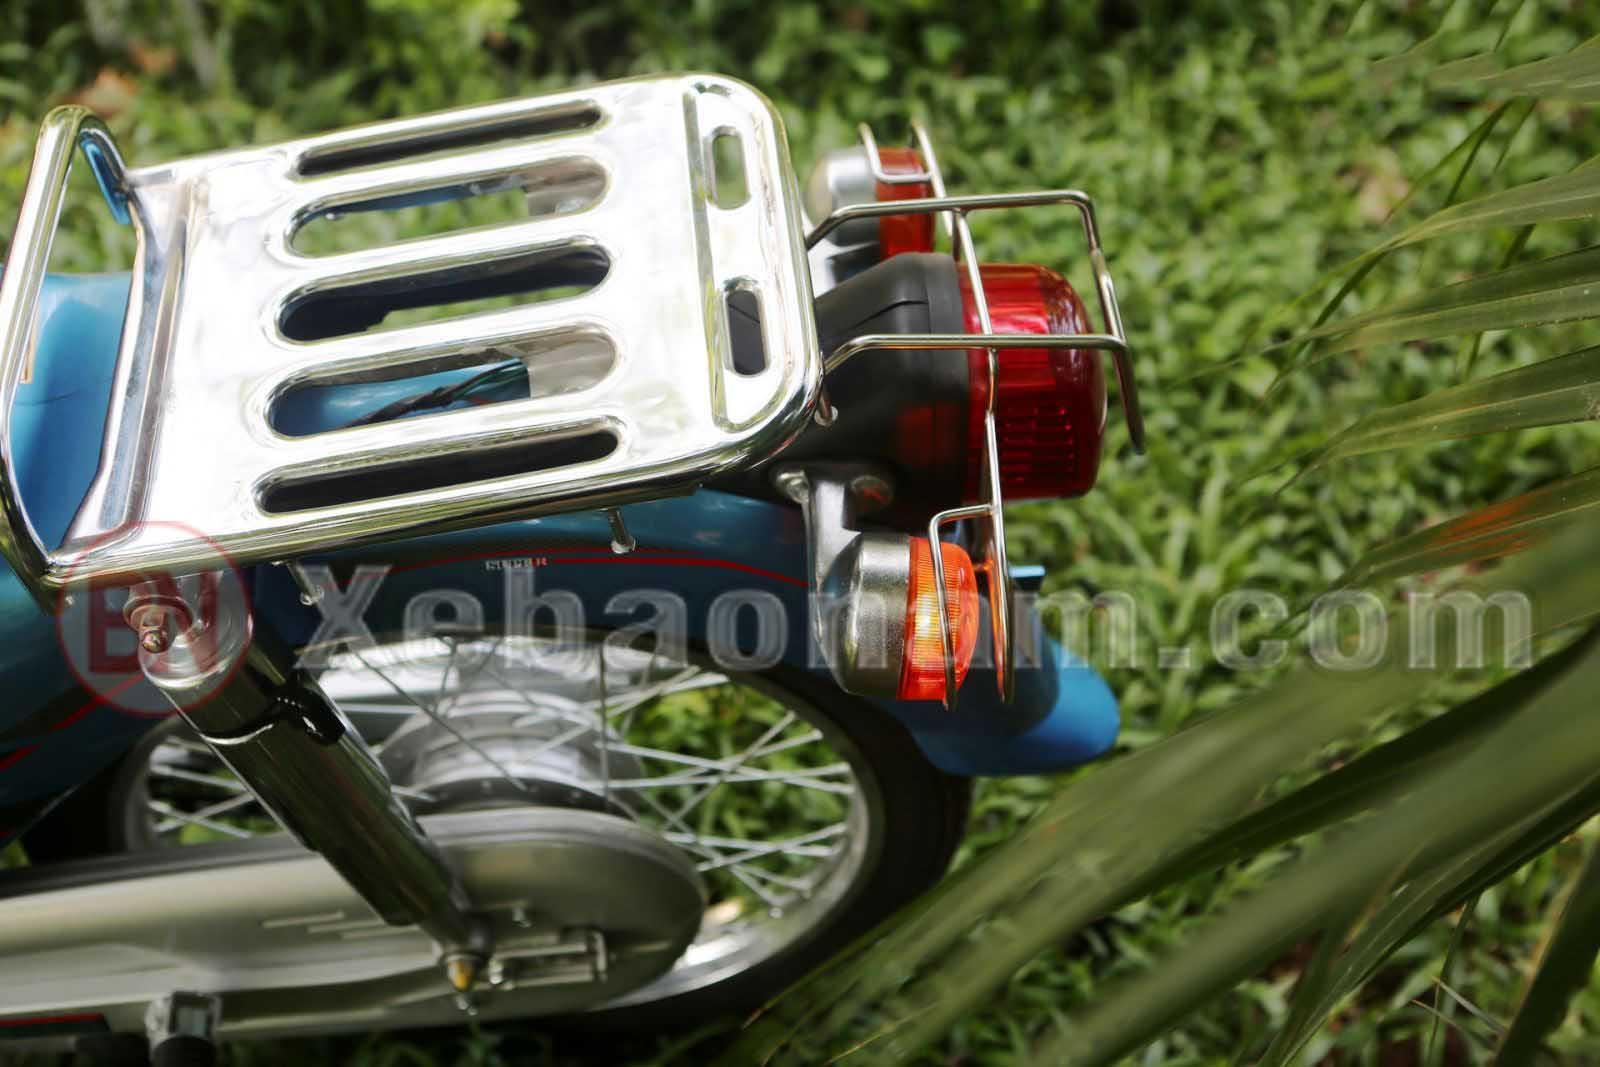 Yên sau xe cub 81 50cc việt thái